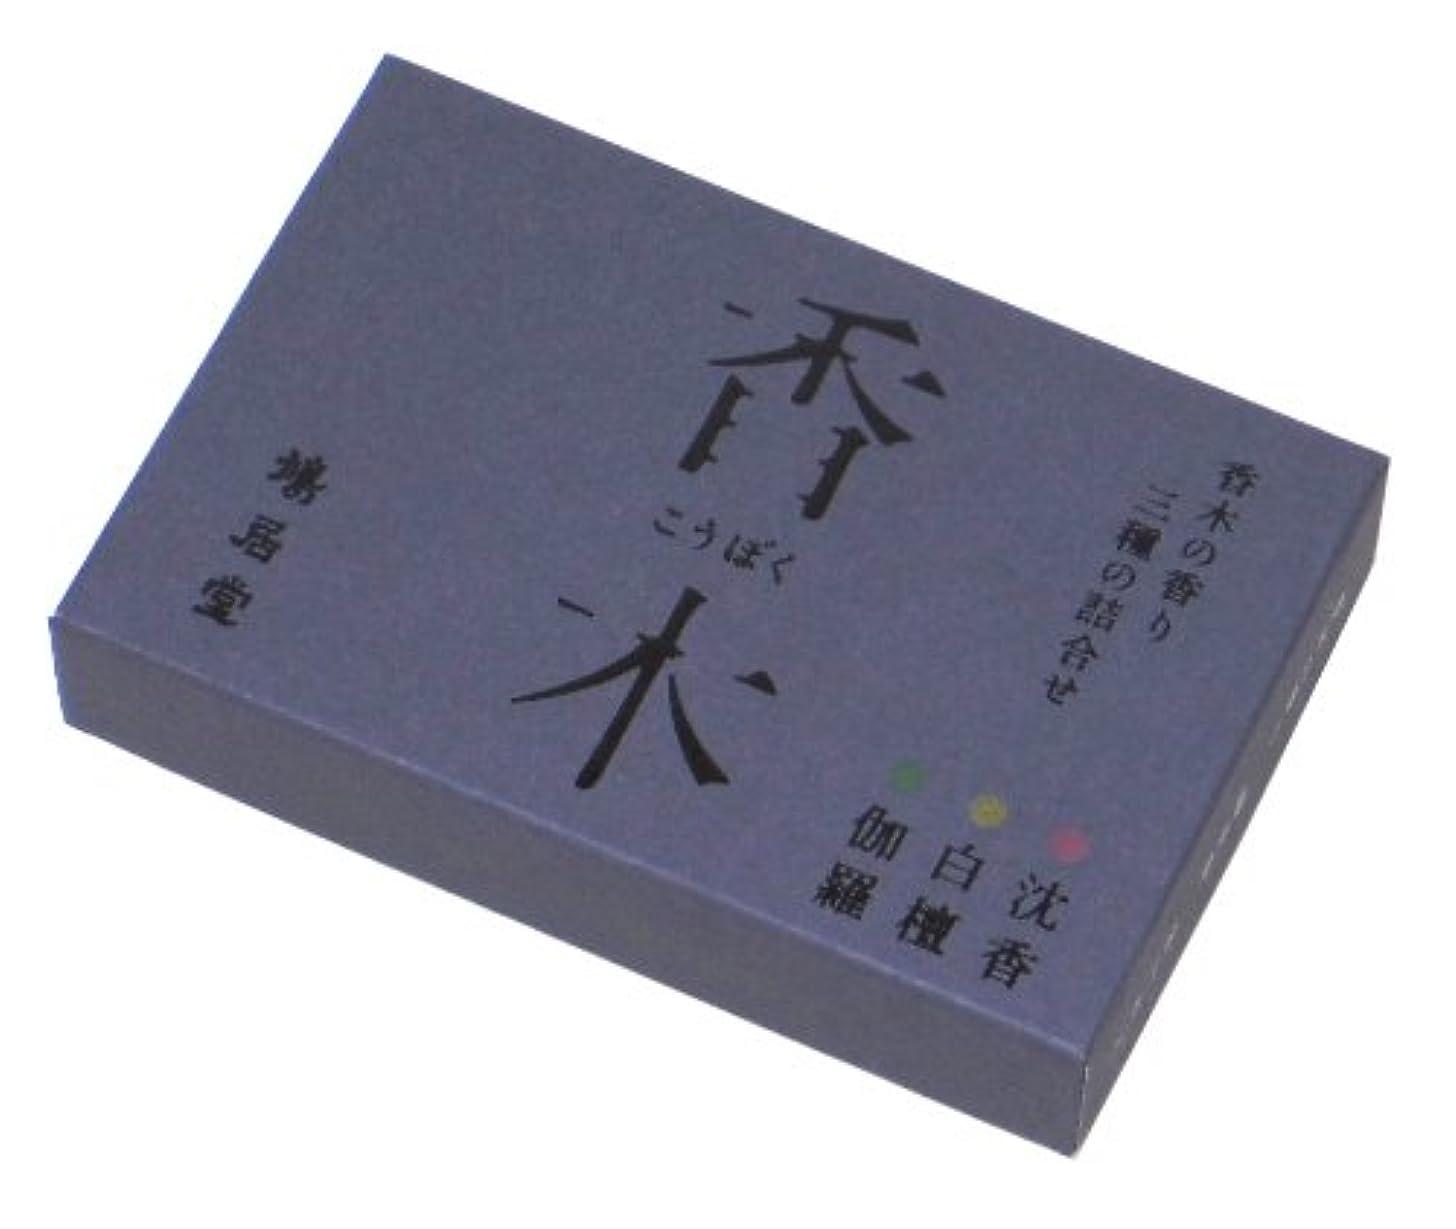 回転する機械的妨げる鳩居堂のお香 香木の香り3種セット 3種類各10本入 6cm 香立入